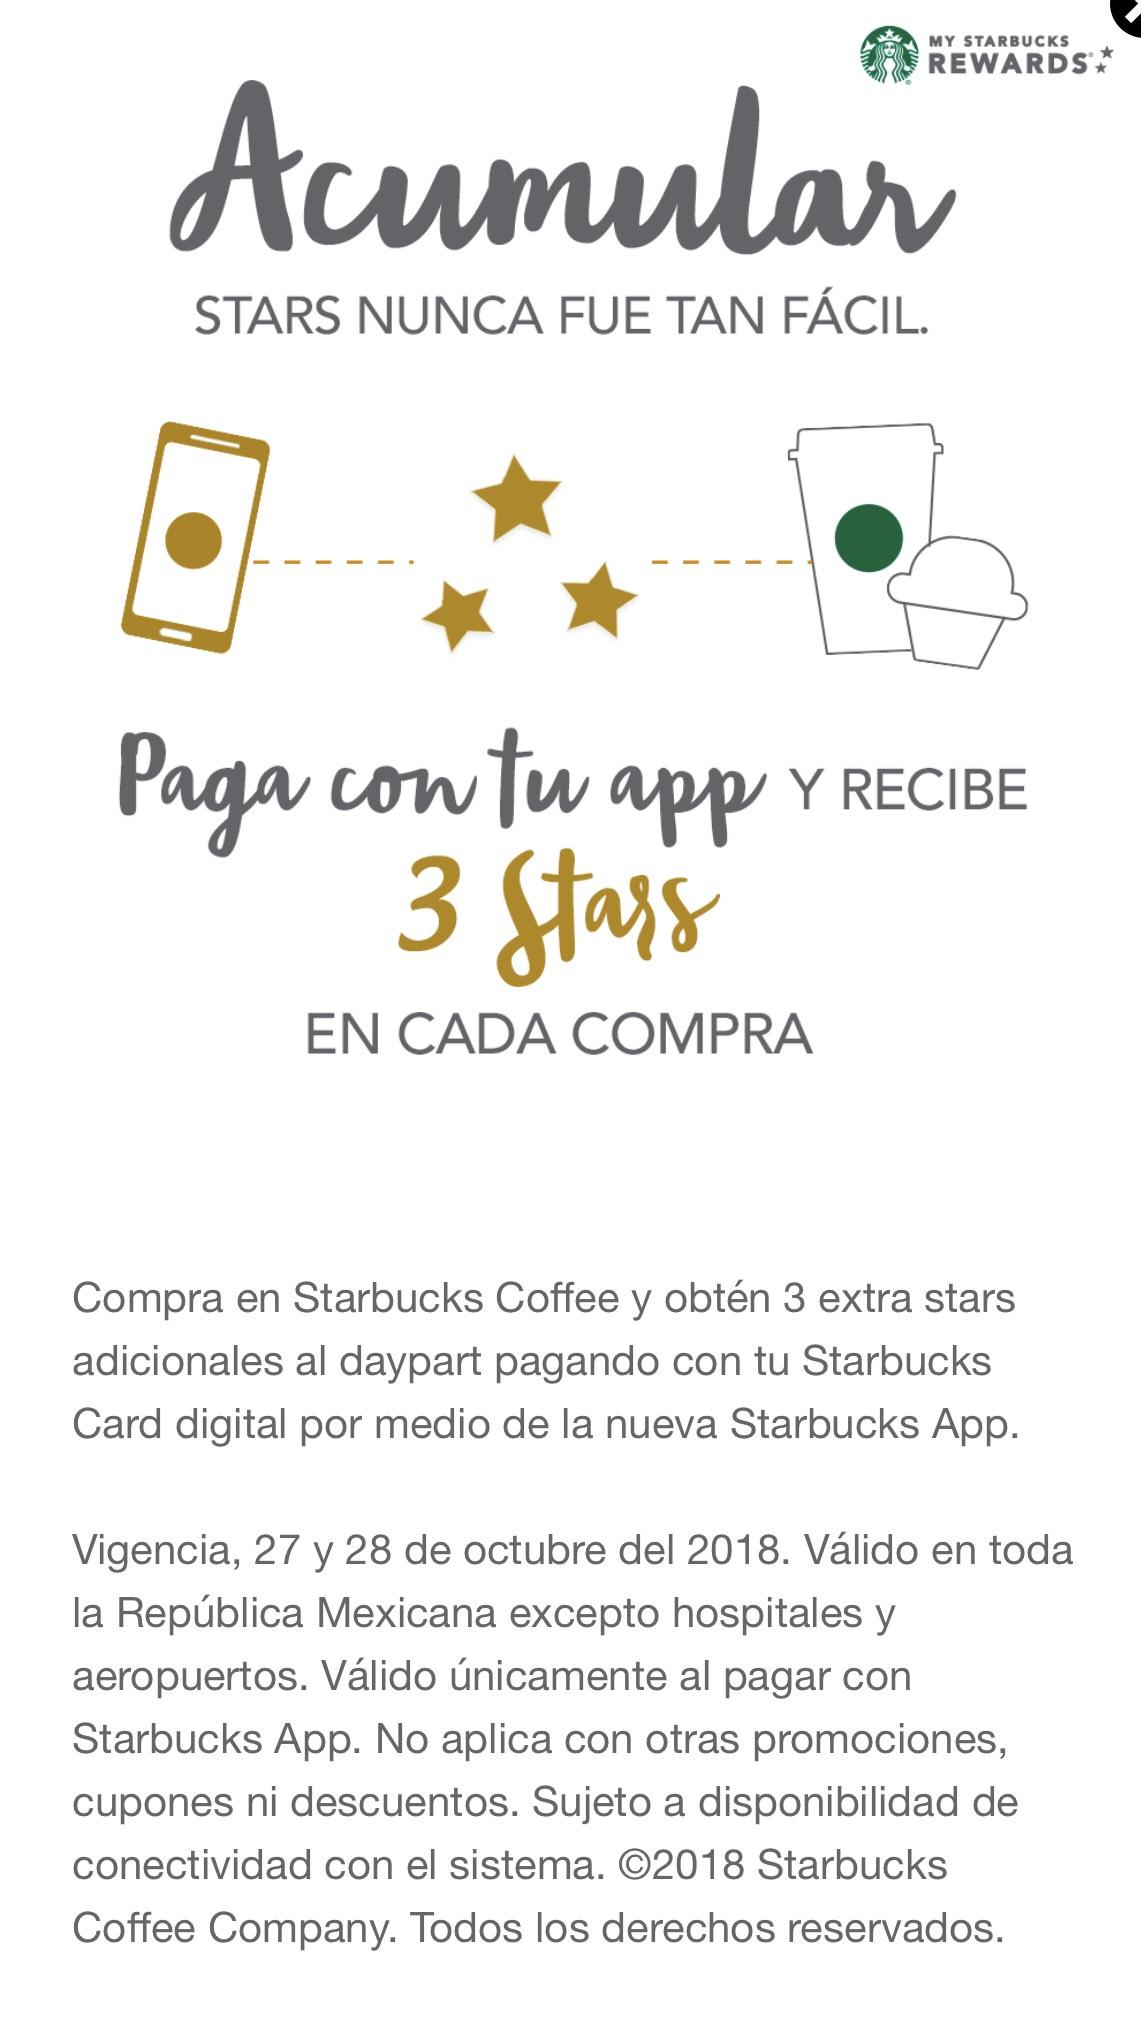 Starbucks: 3 stars adicionales en cada compra en Starbucks al pagar con la app